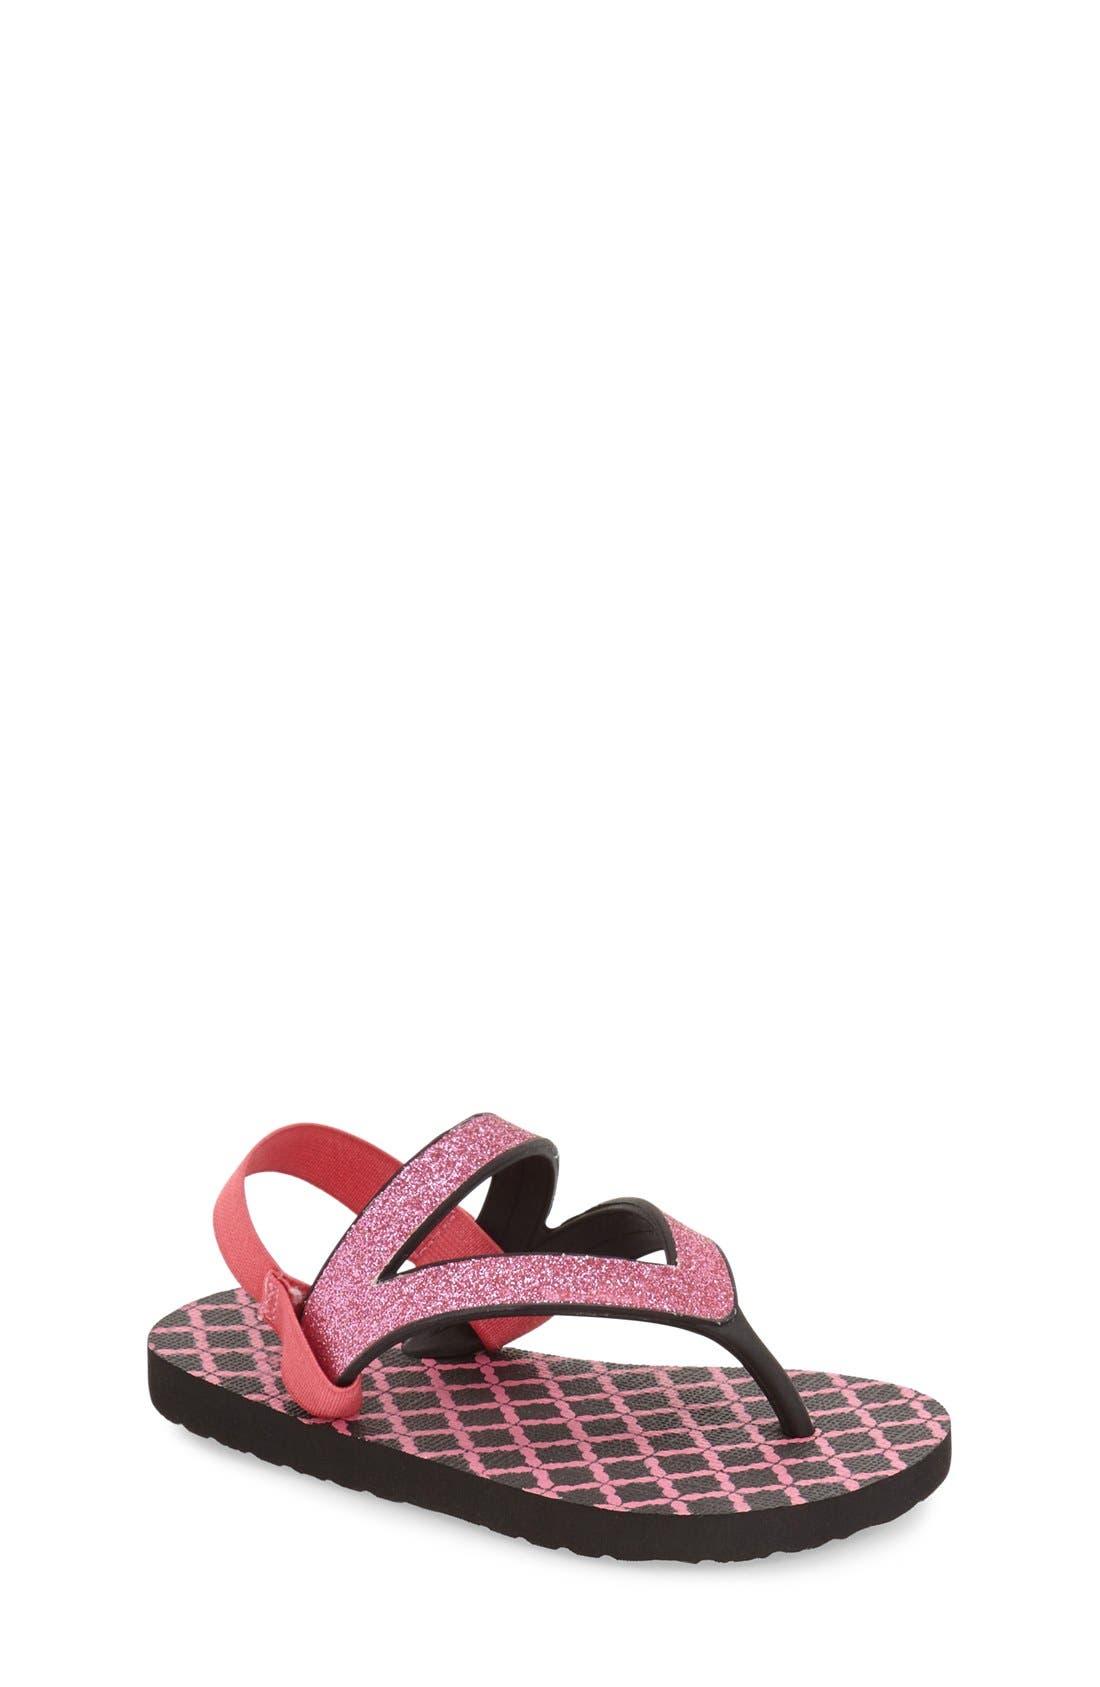 'Lil Selene' Sandal,                             Main thumbnail 4, color,